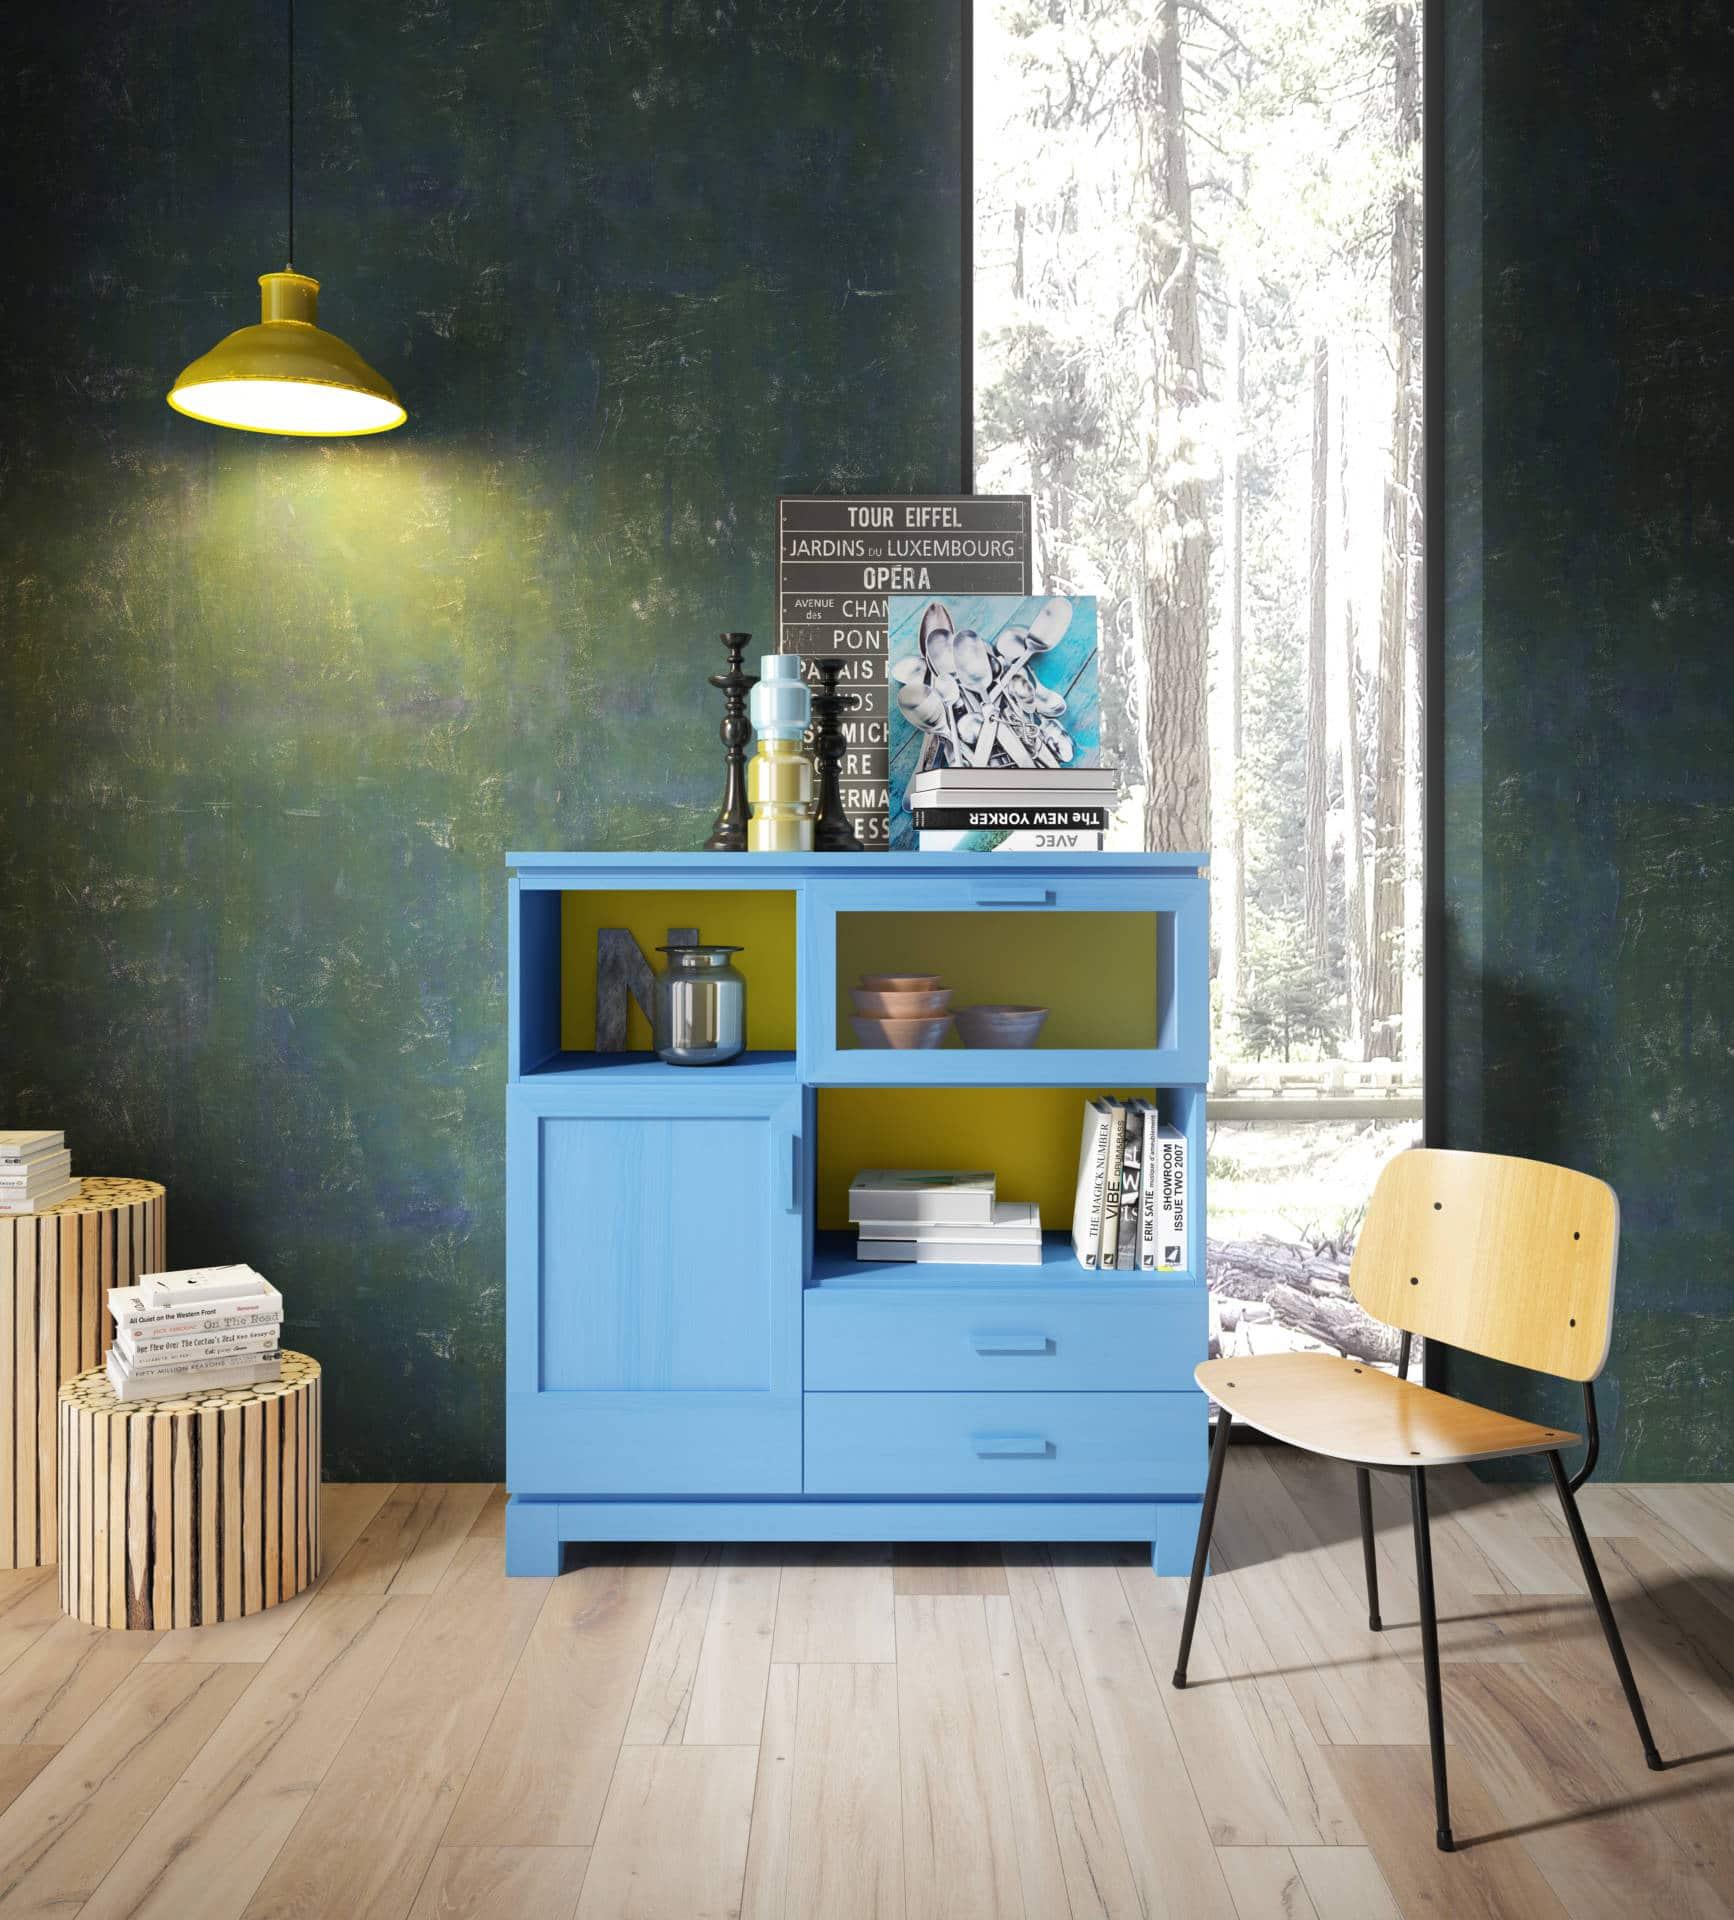 Muebles de sal n r sticos en zaragoza r stica ambientes - Salones rusticos modernos ...